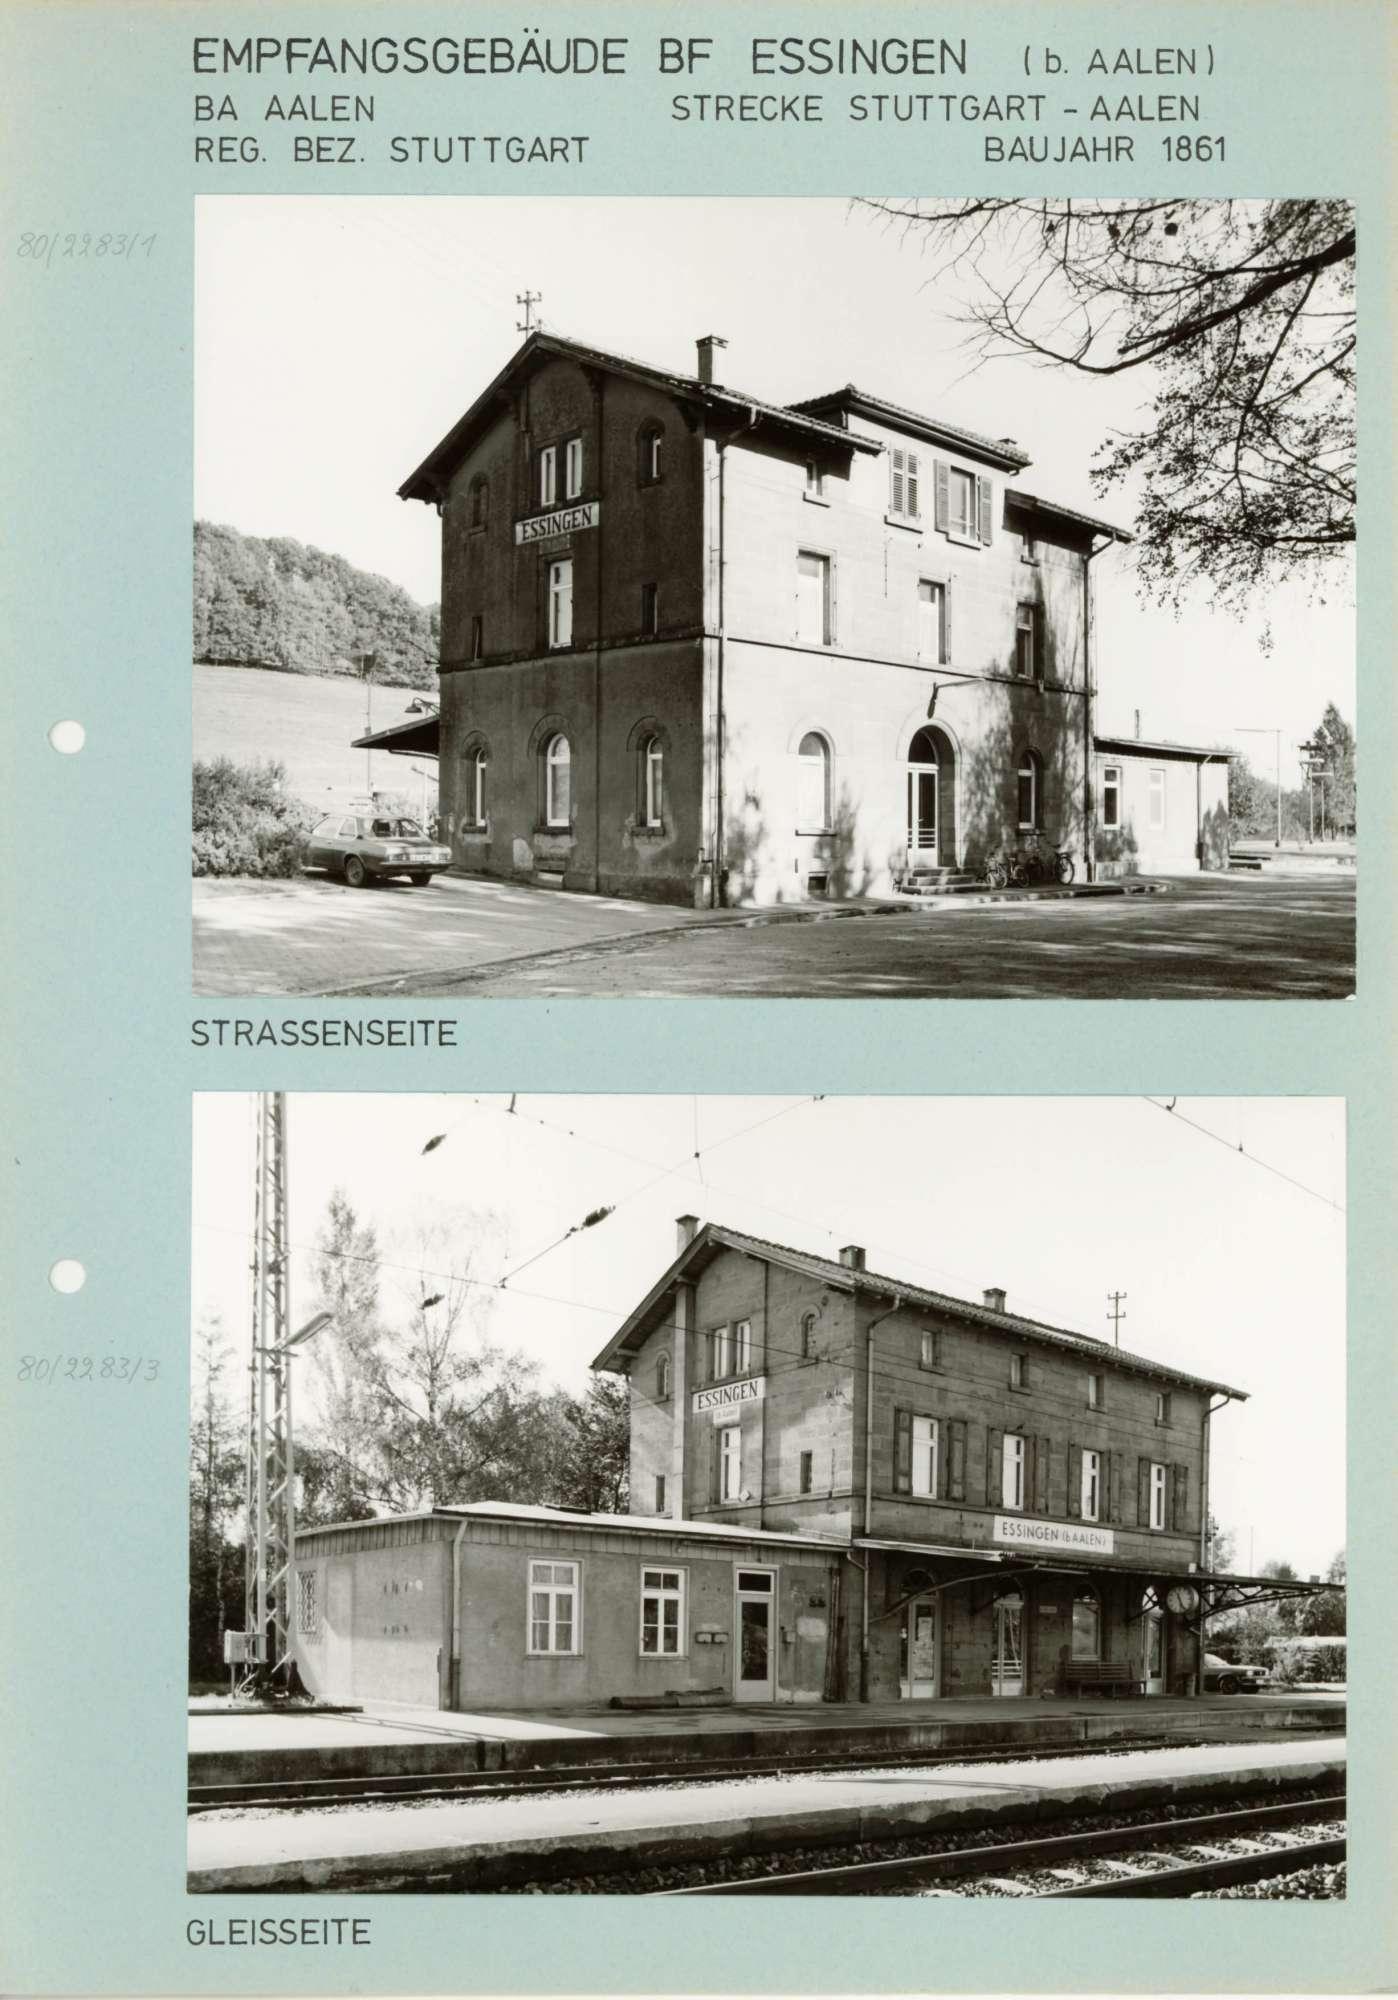 Essingen: 6 Fotos, Bild 2